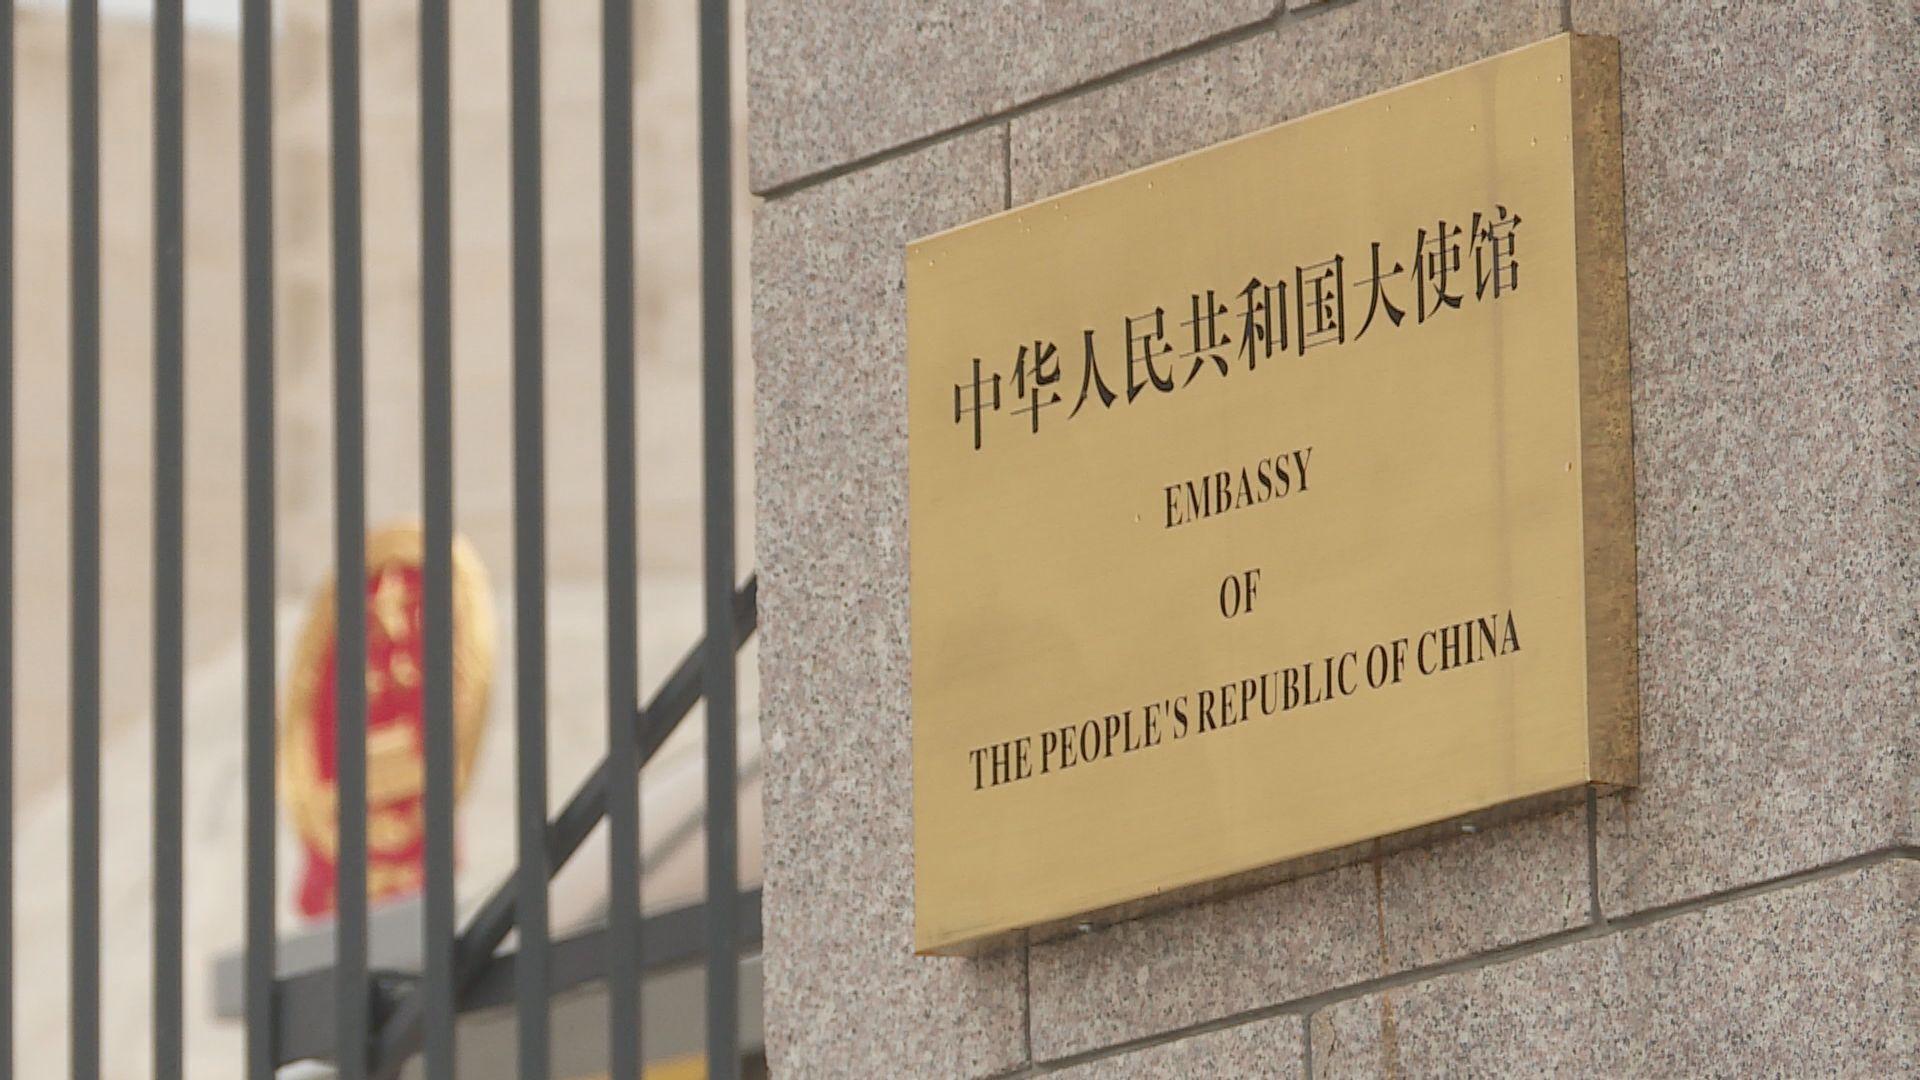 中國外交人員在美部分活動需獲批准 外交部促美方立即撤銷決定